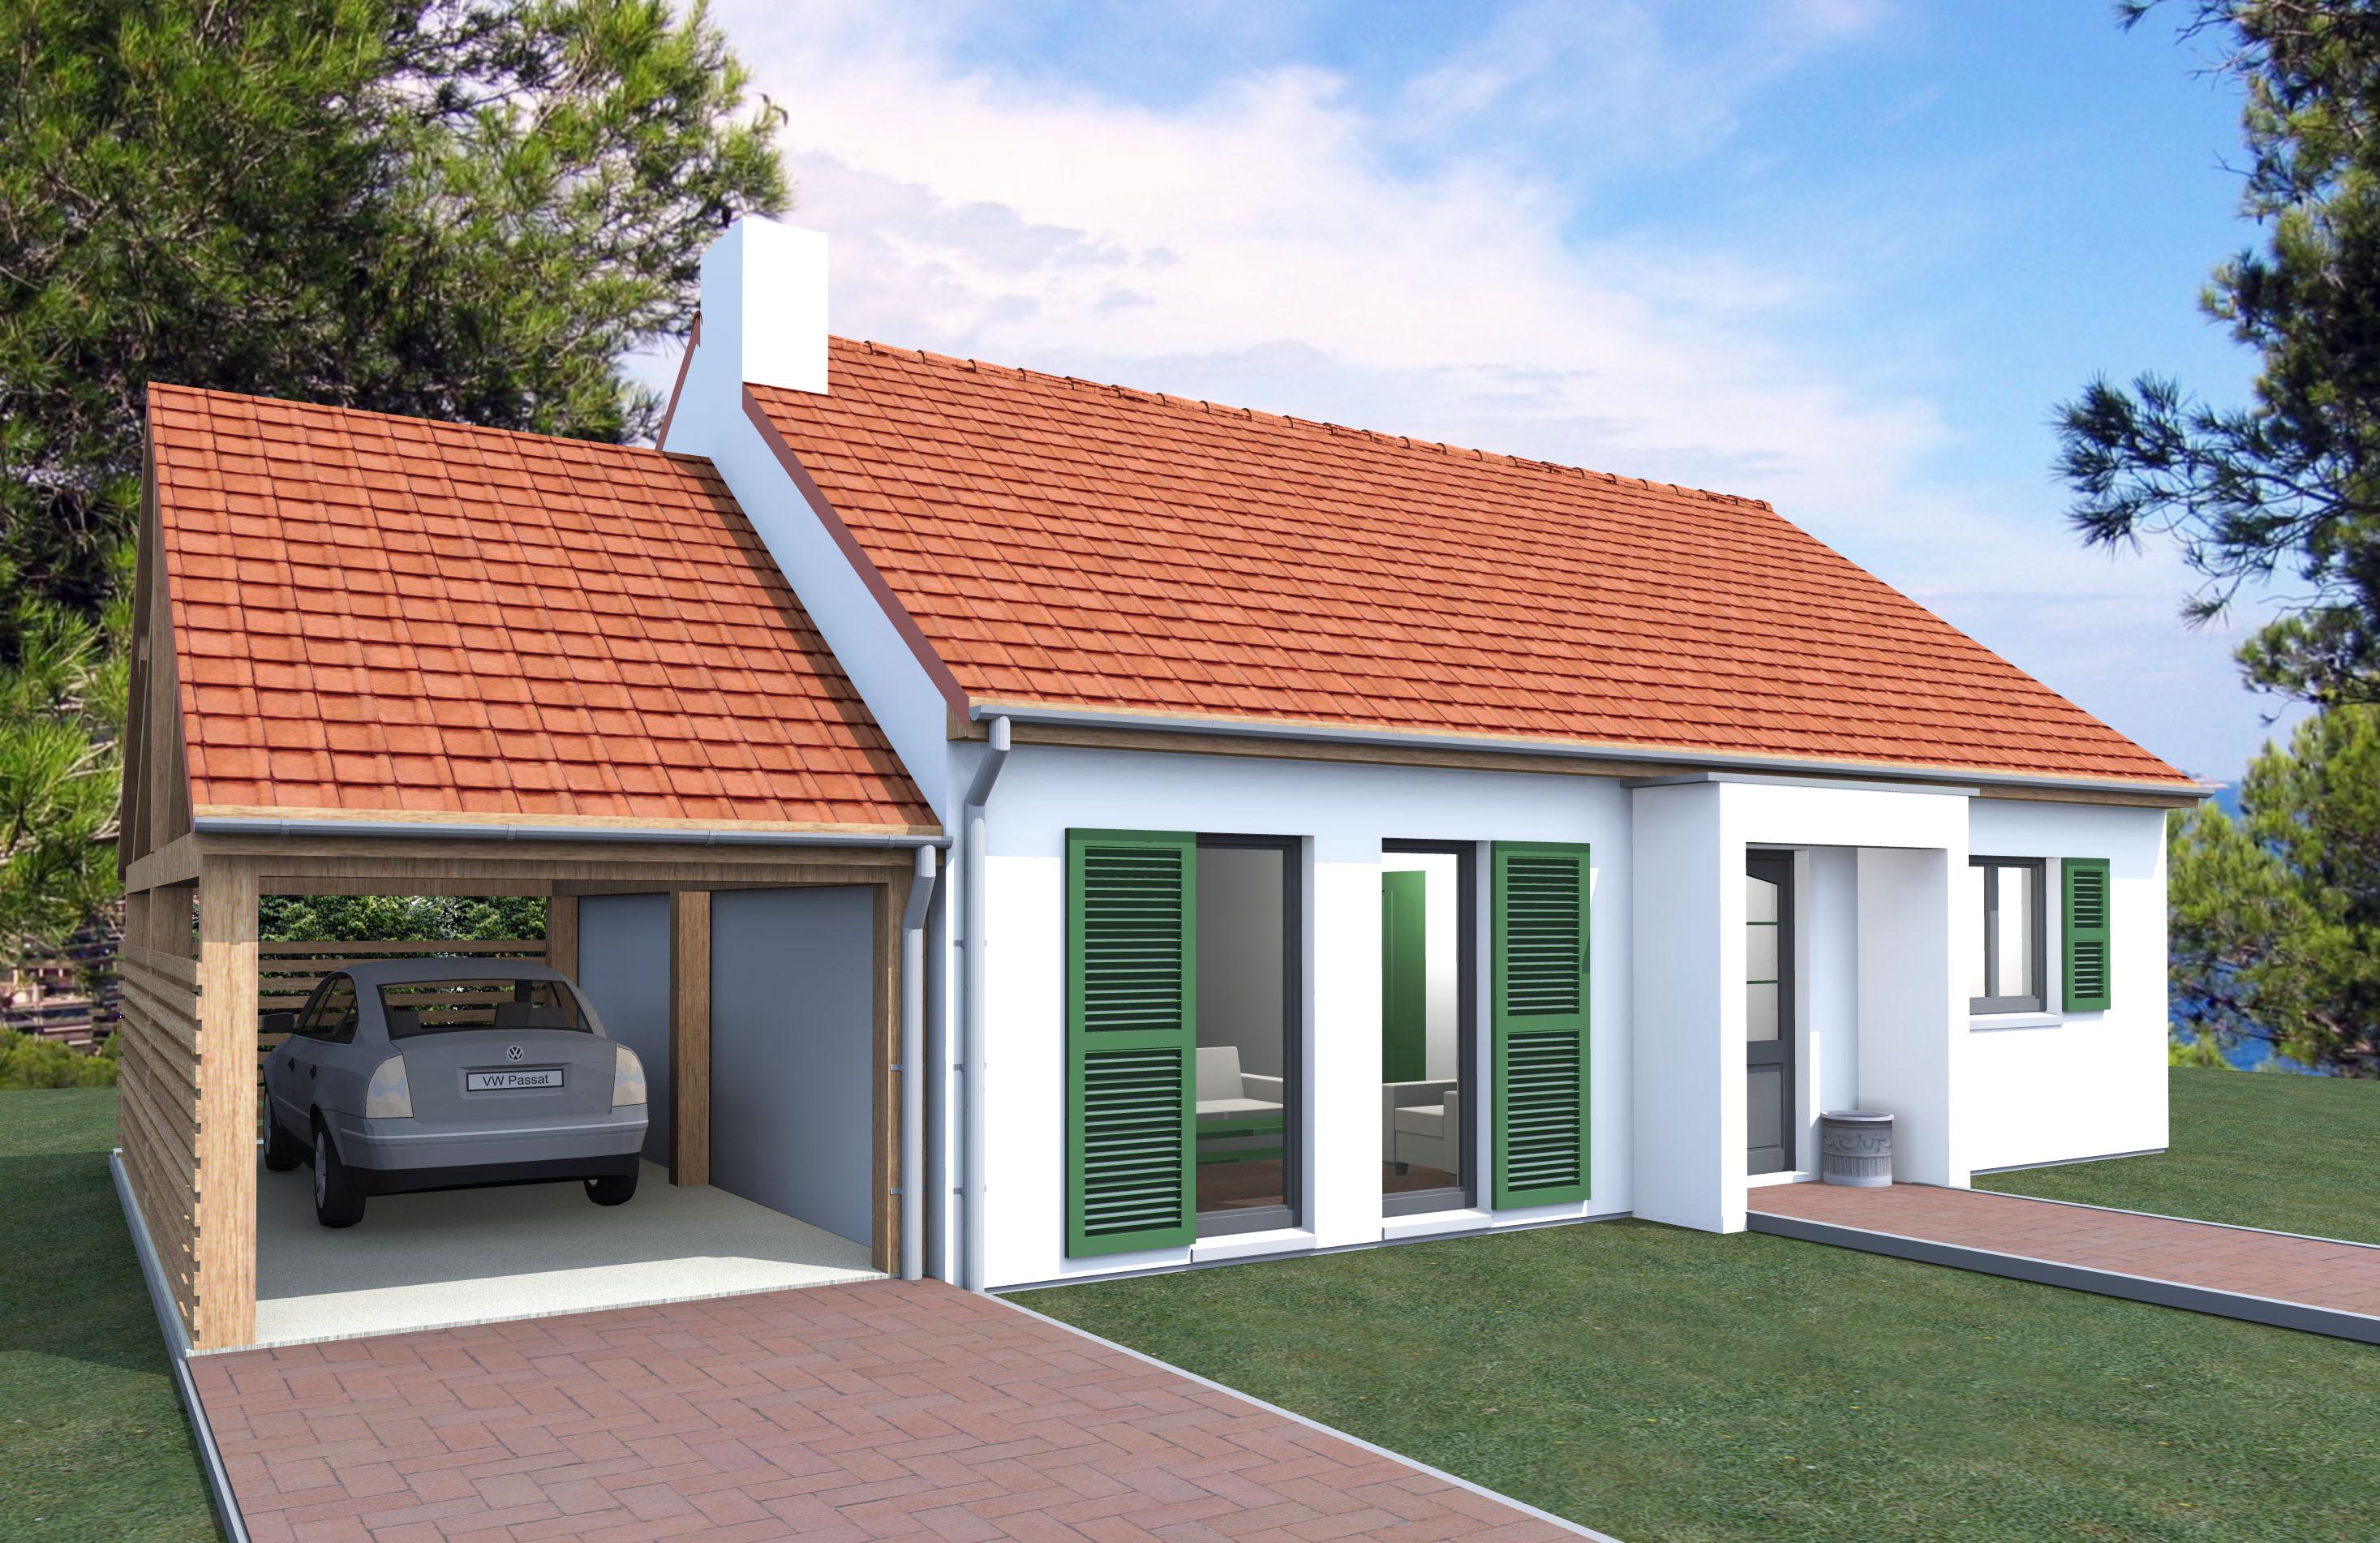 Construction petite maison for Petite maison construction